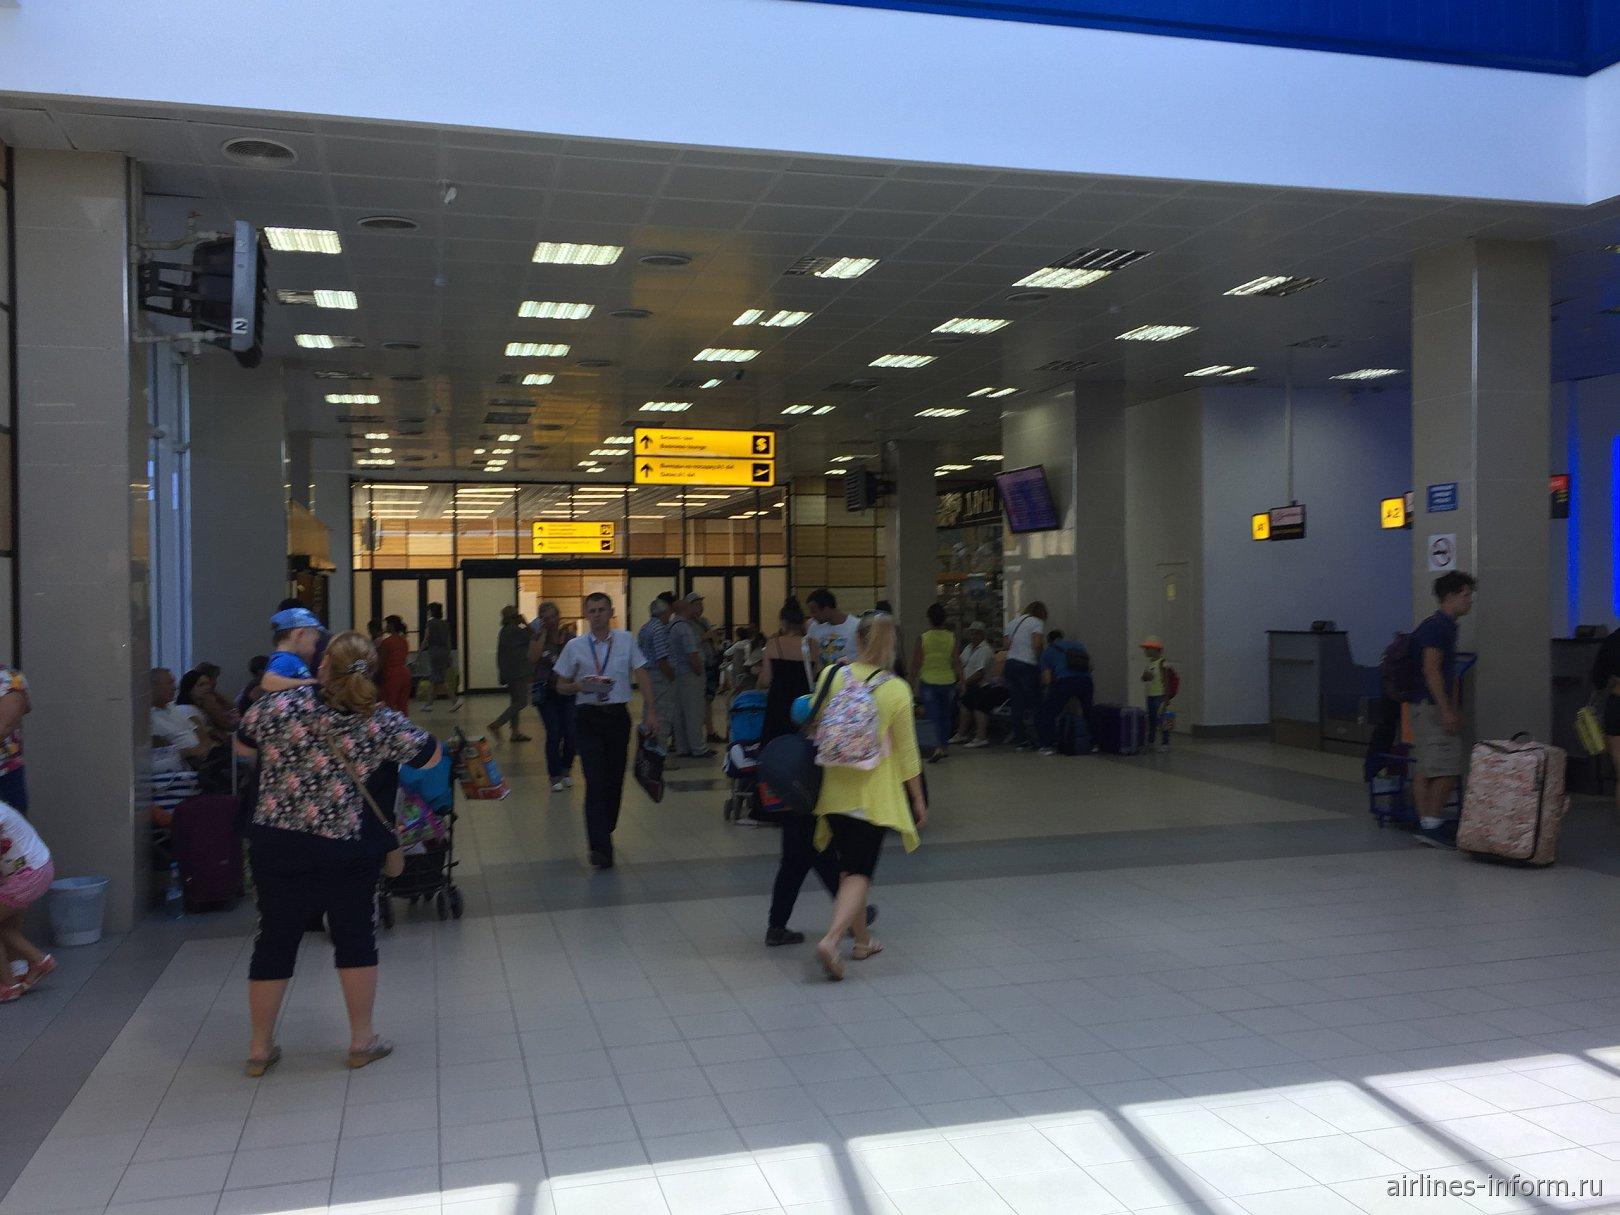 Табло рейсов Международный аэропорт Шереметьево